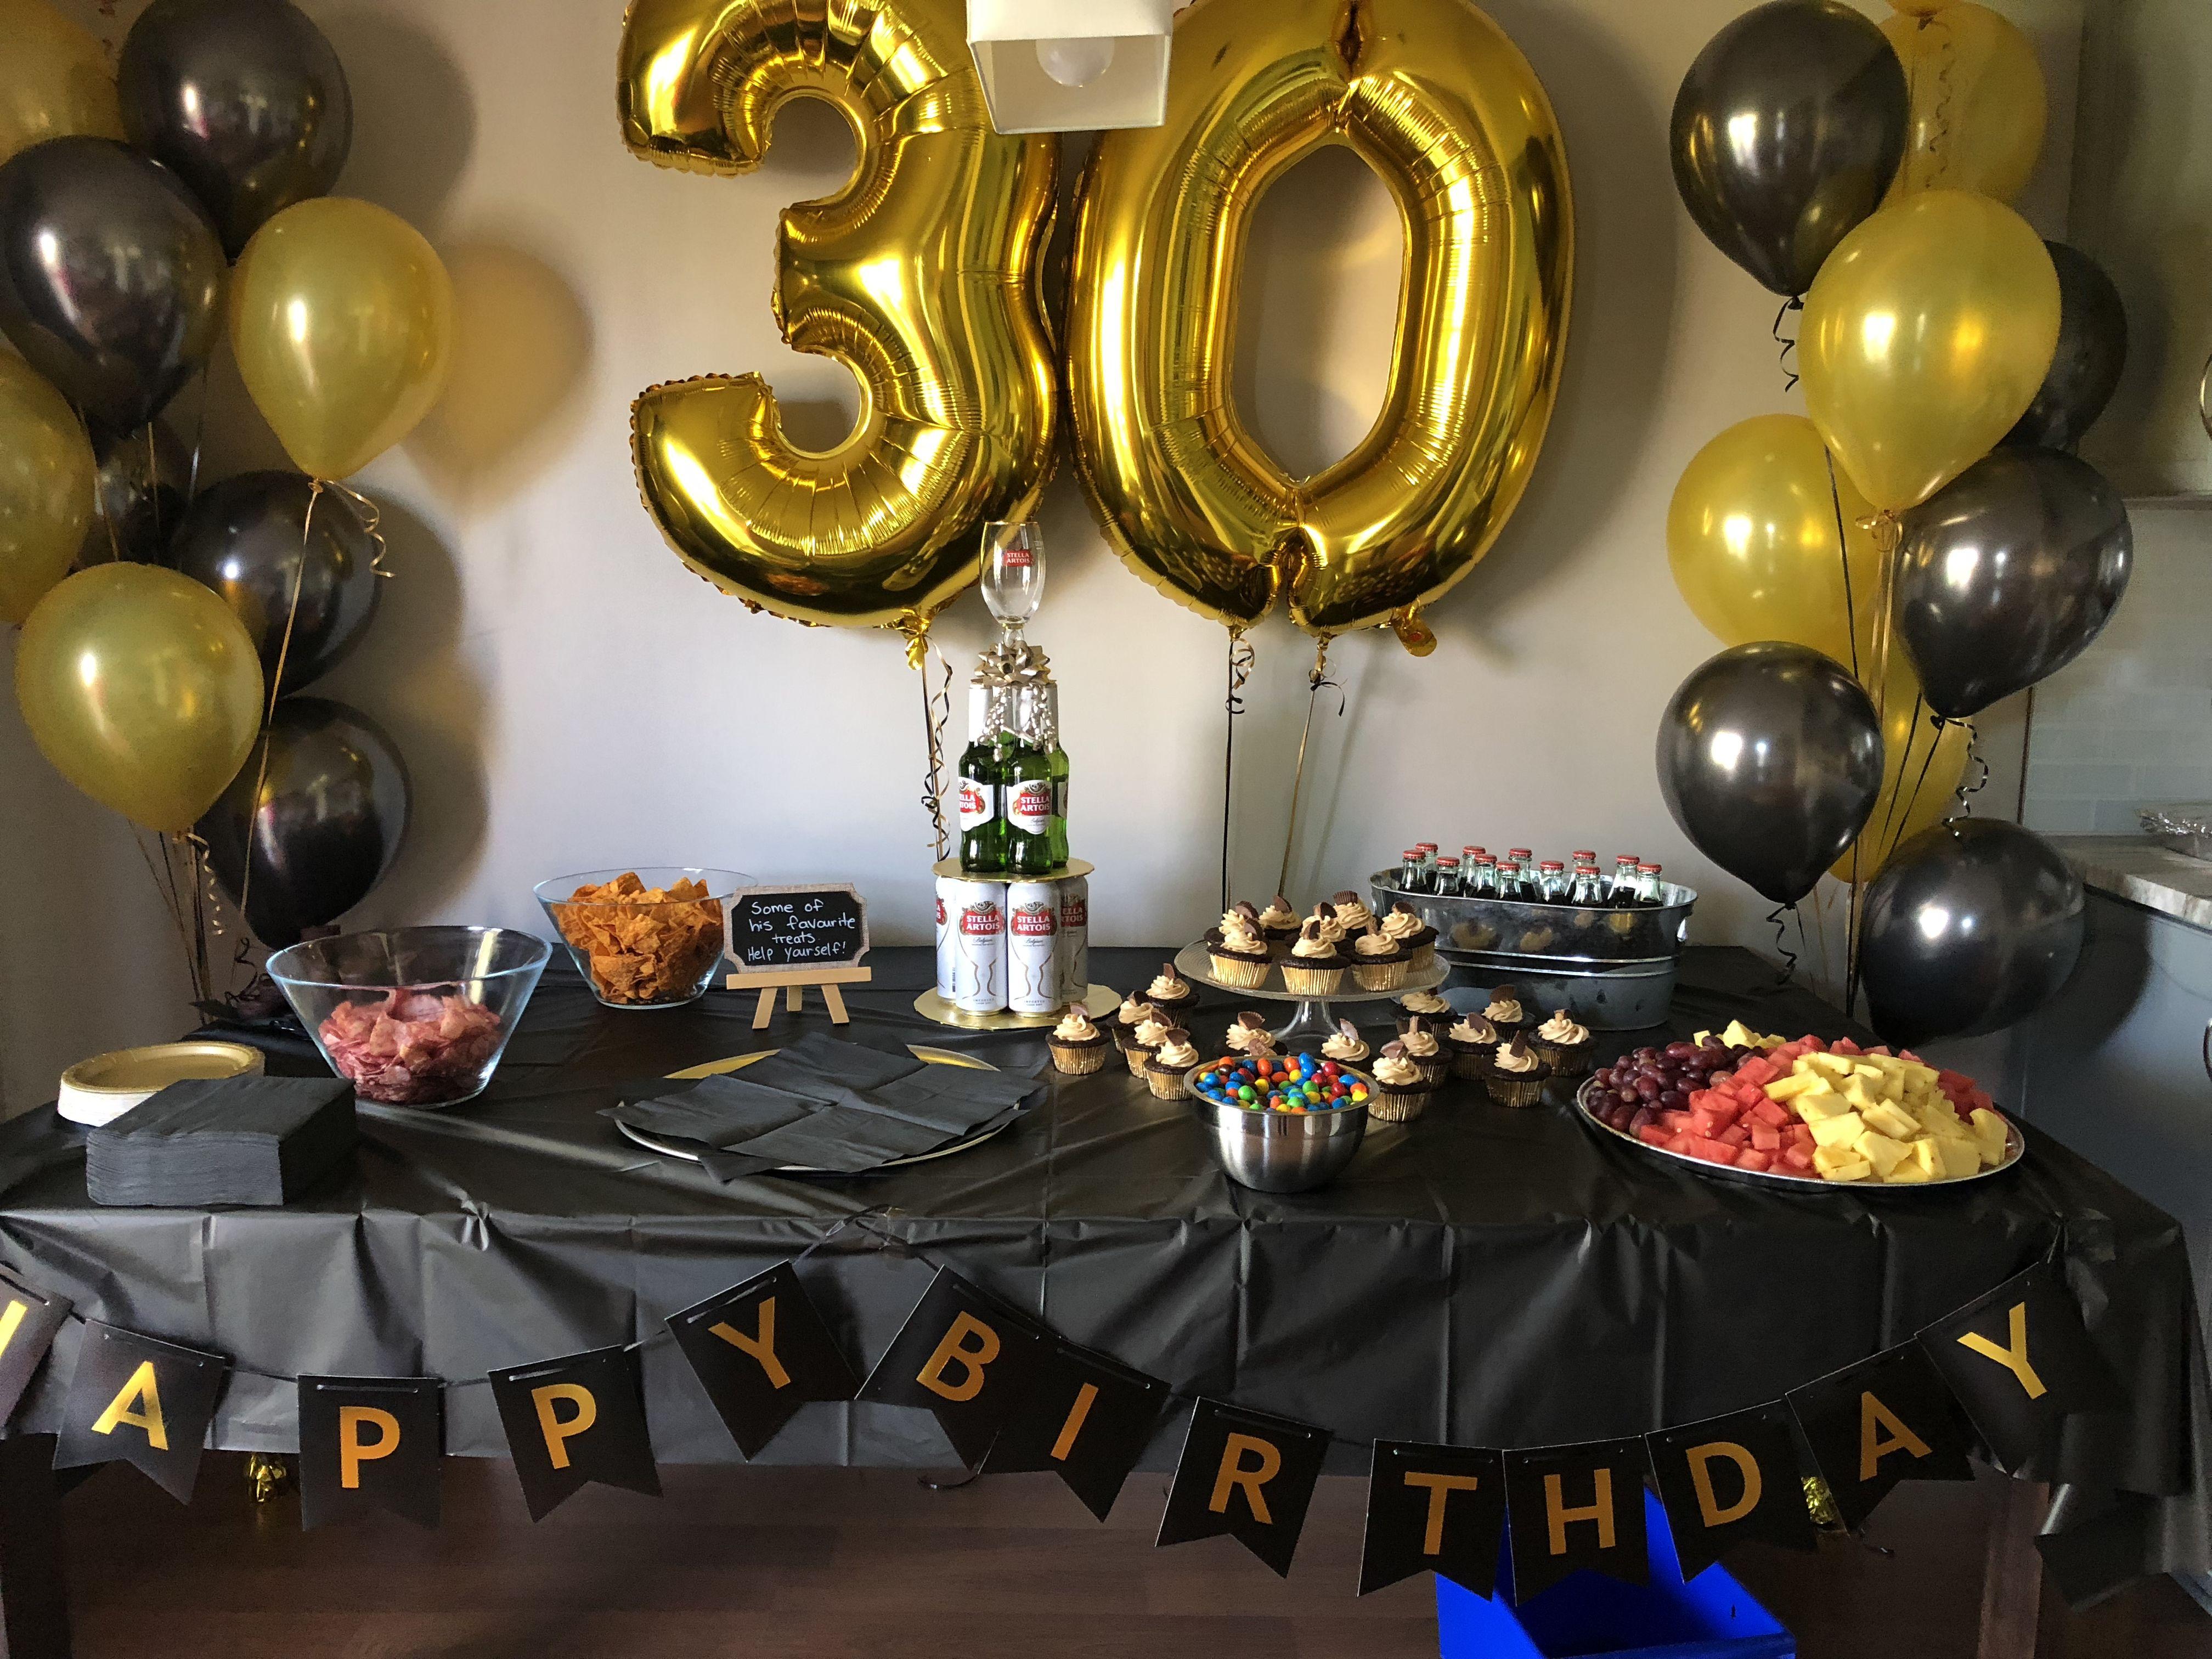 30 лет идеи поздравления